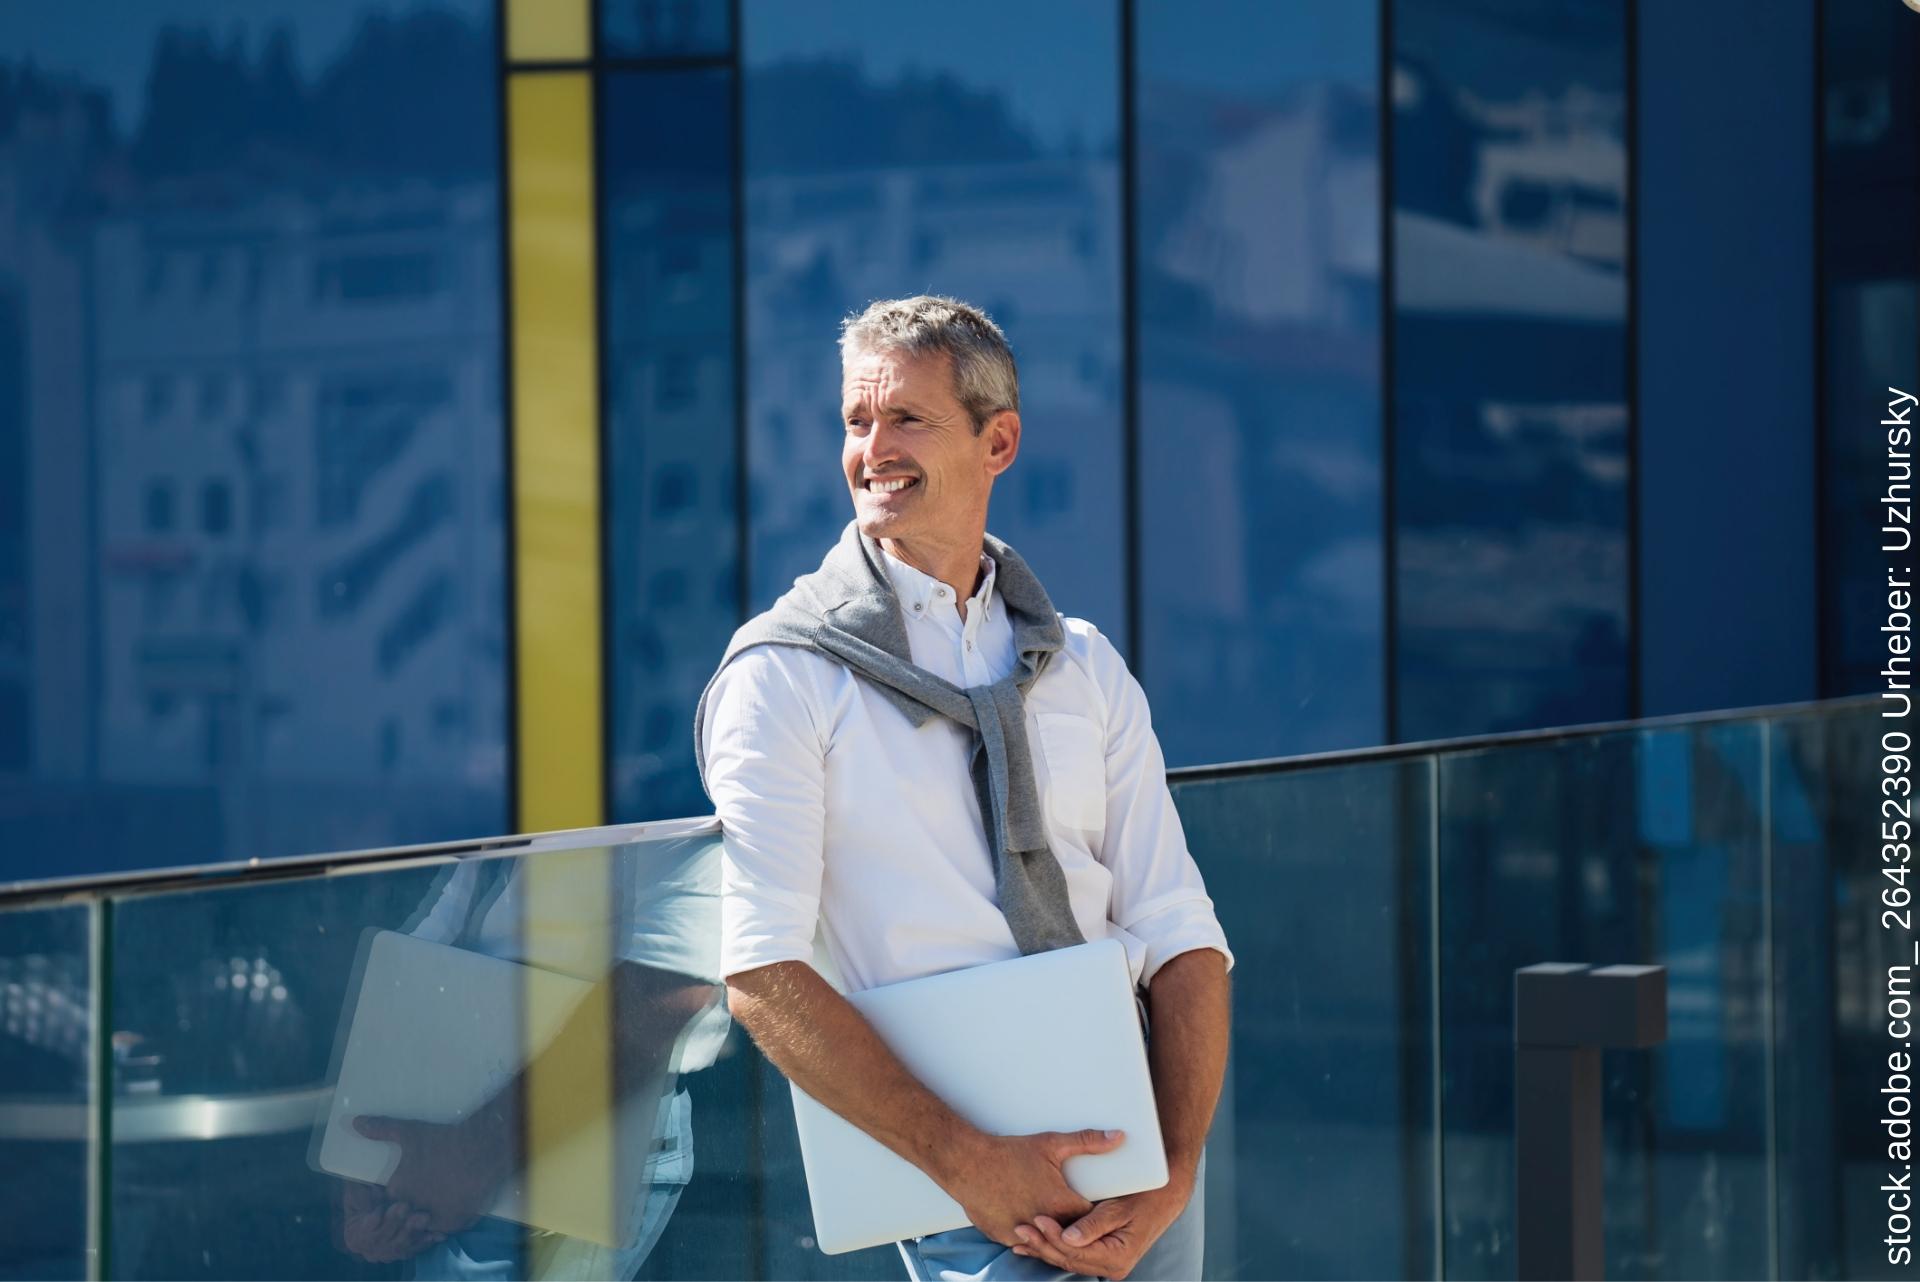 Rückdeckungsversicherung - So funktioniert eine Rückdeckungsversicherung